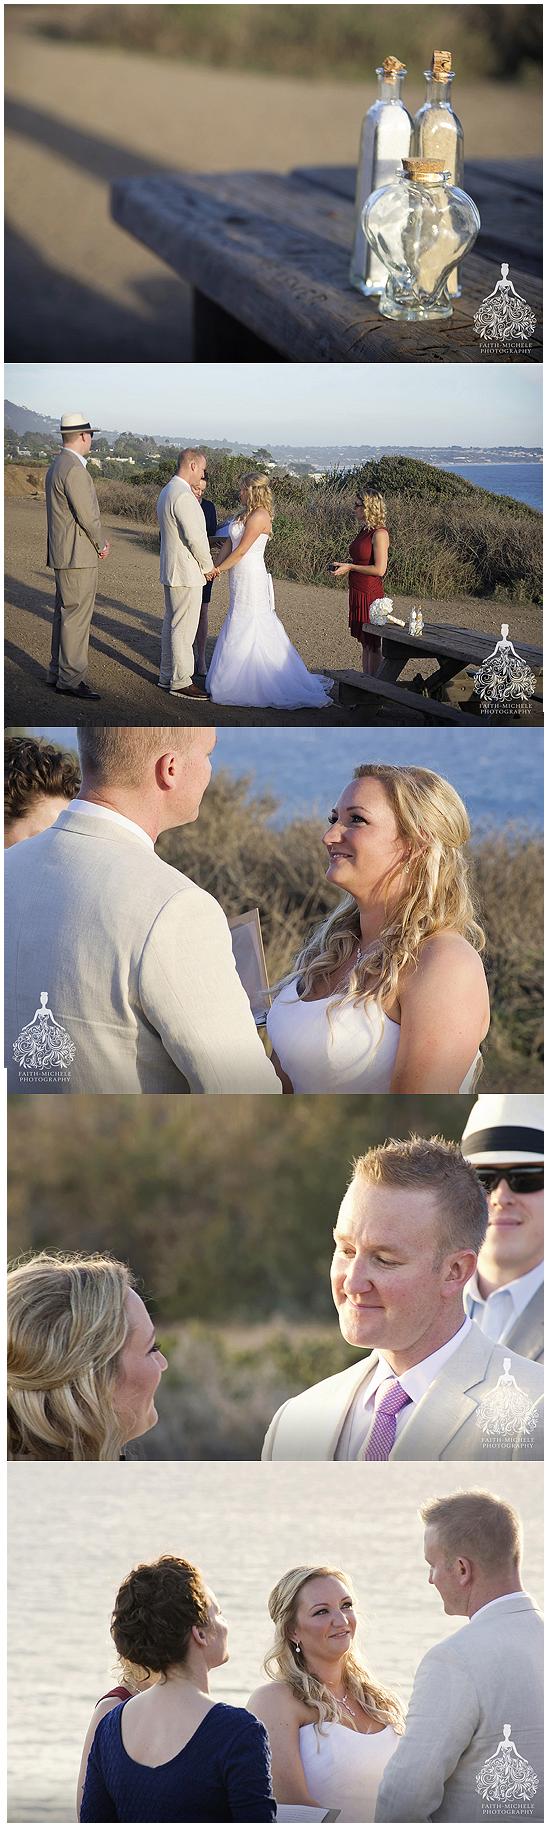 El Matador Beach elopement